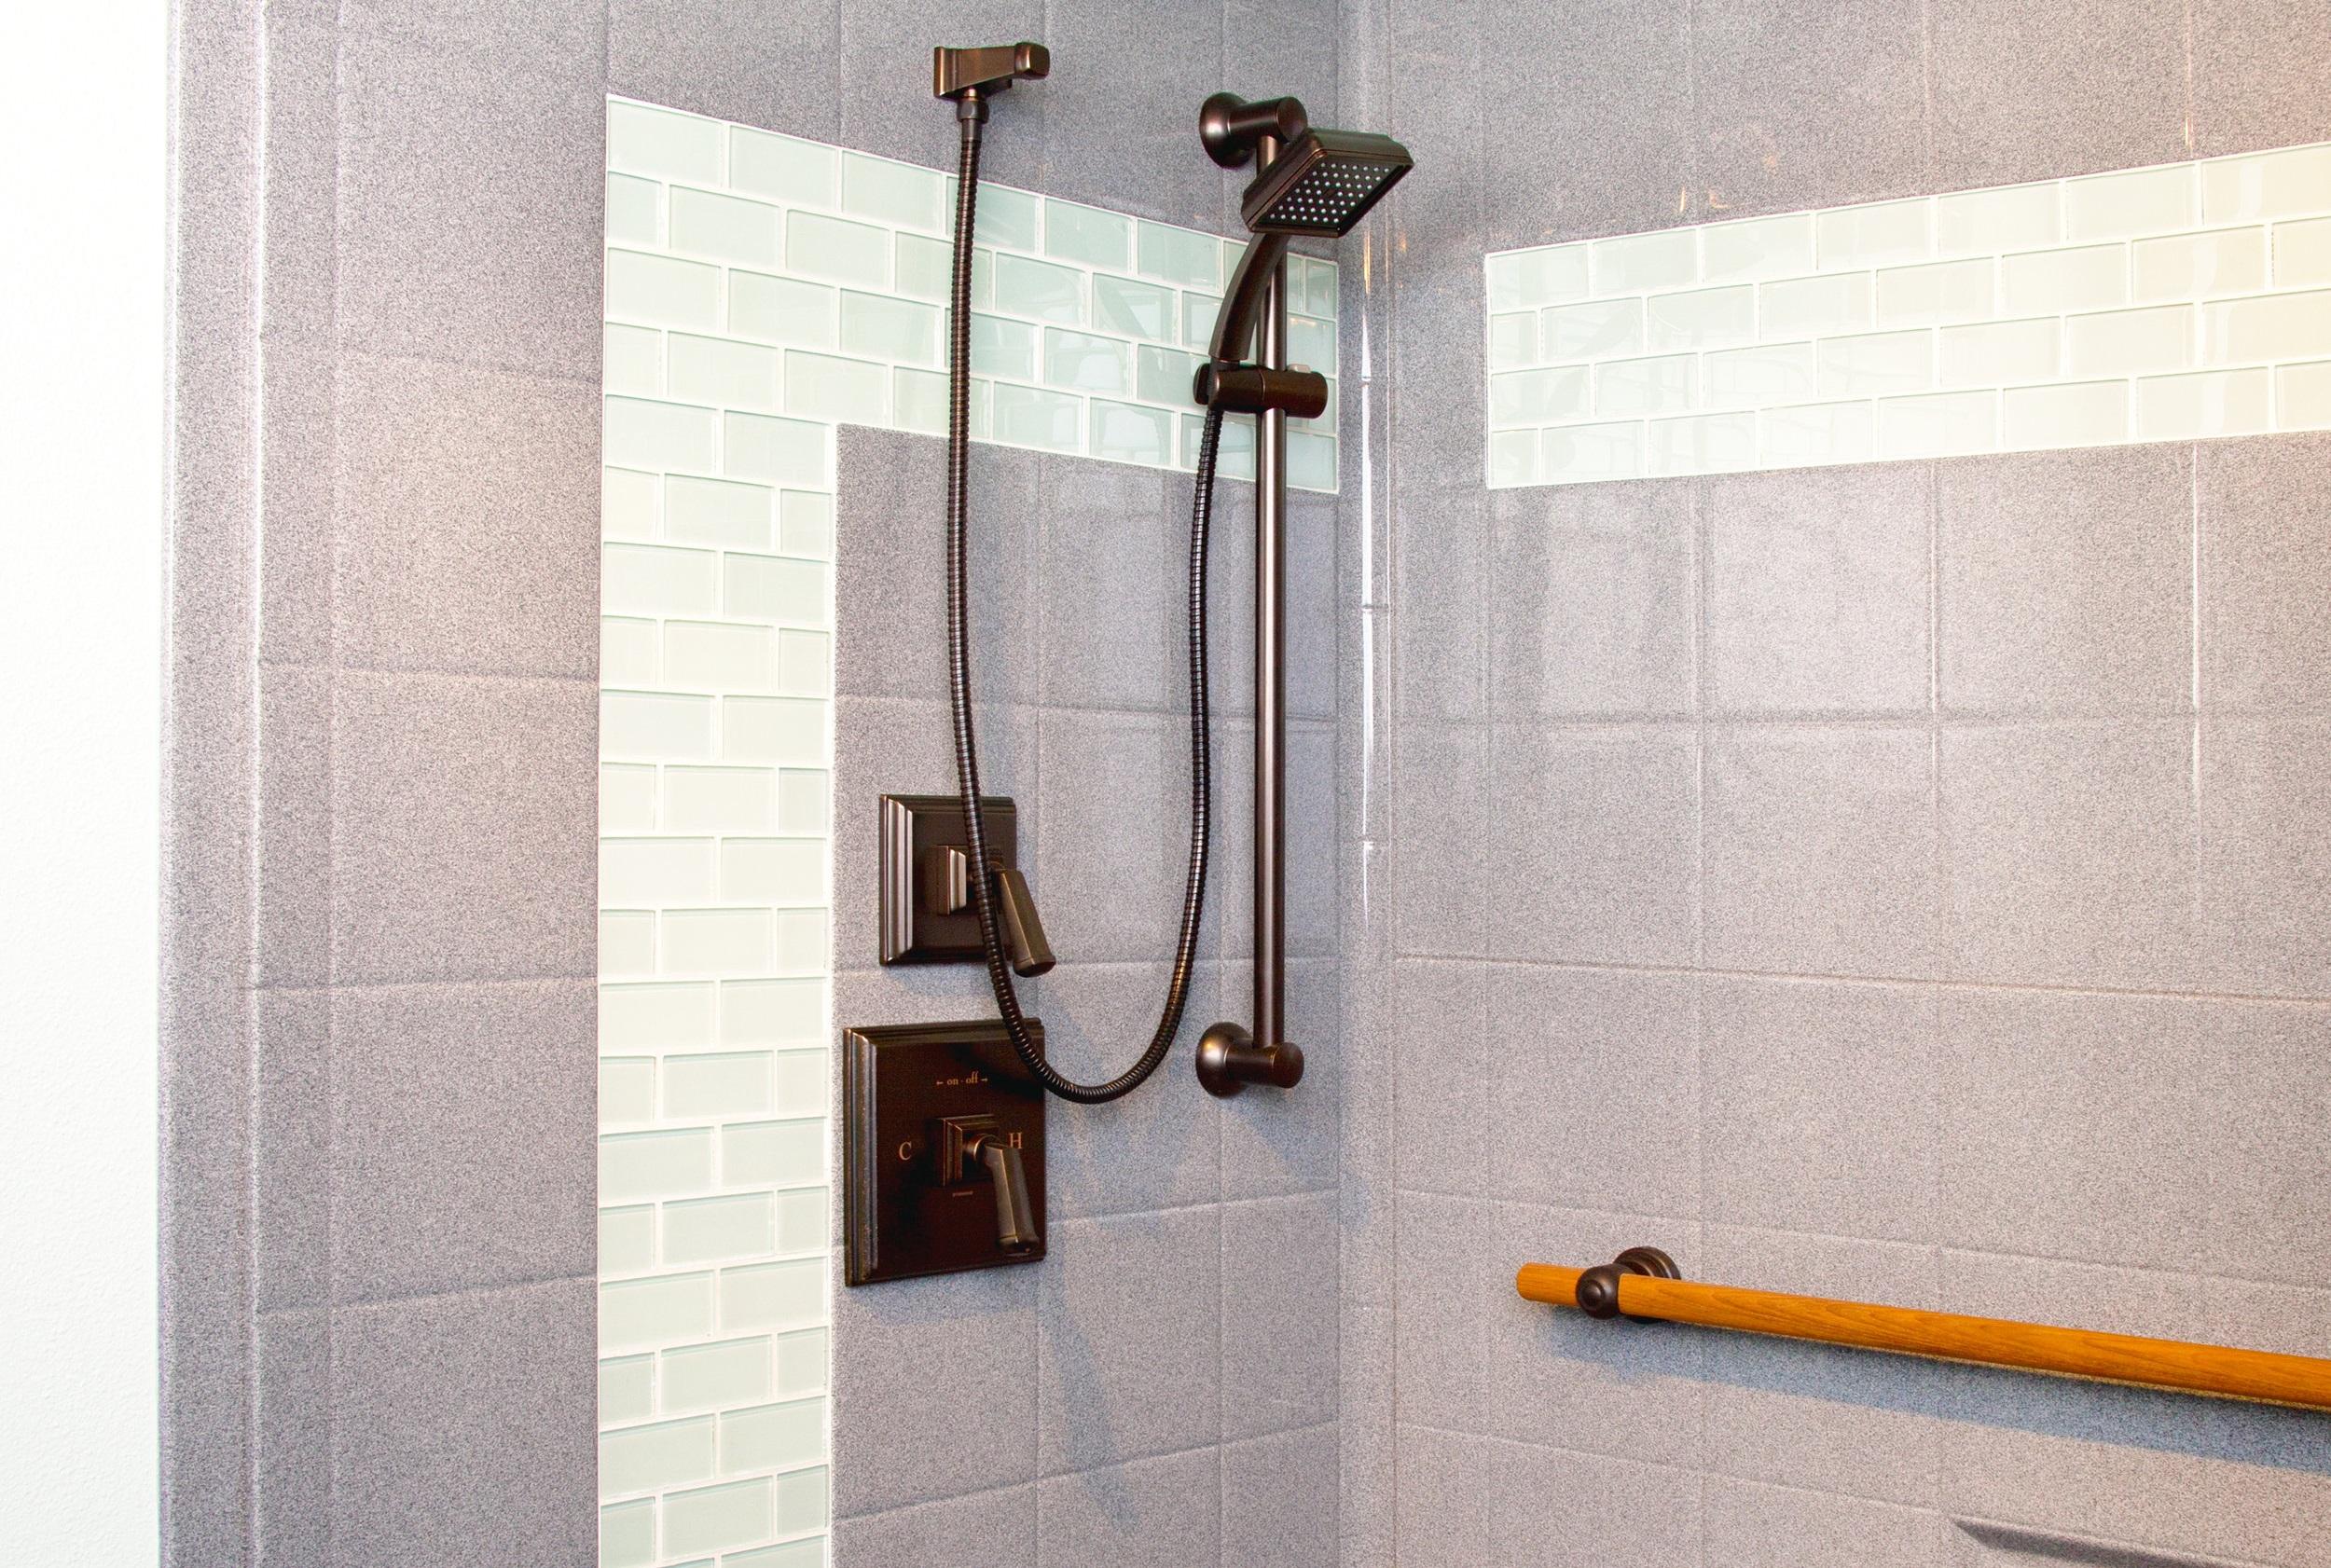 - Walk-in showers